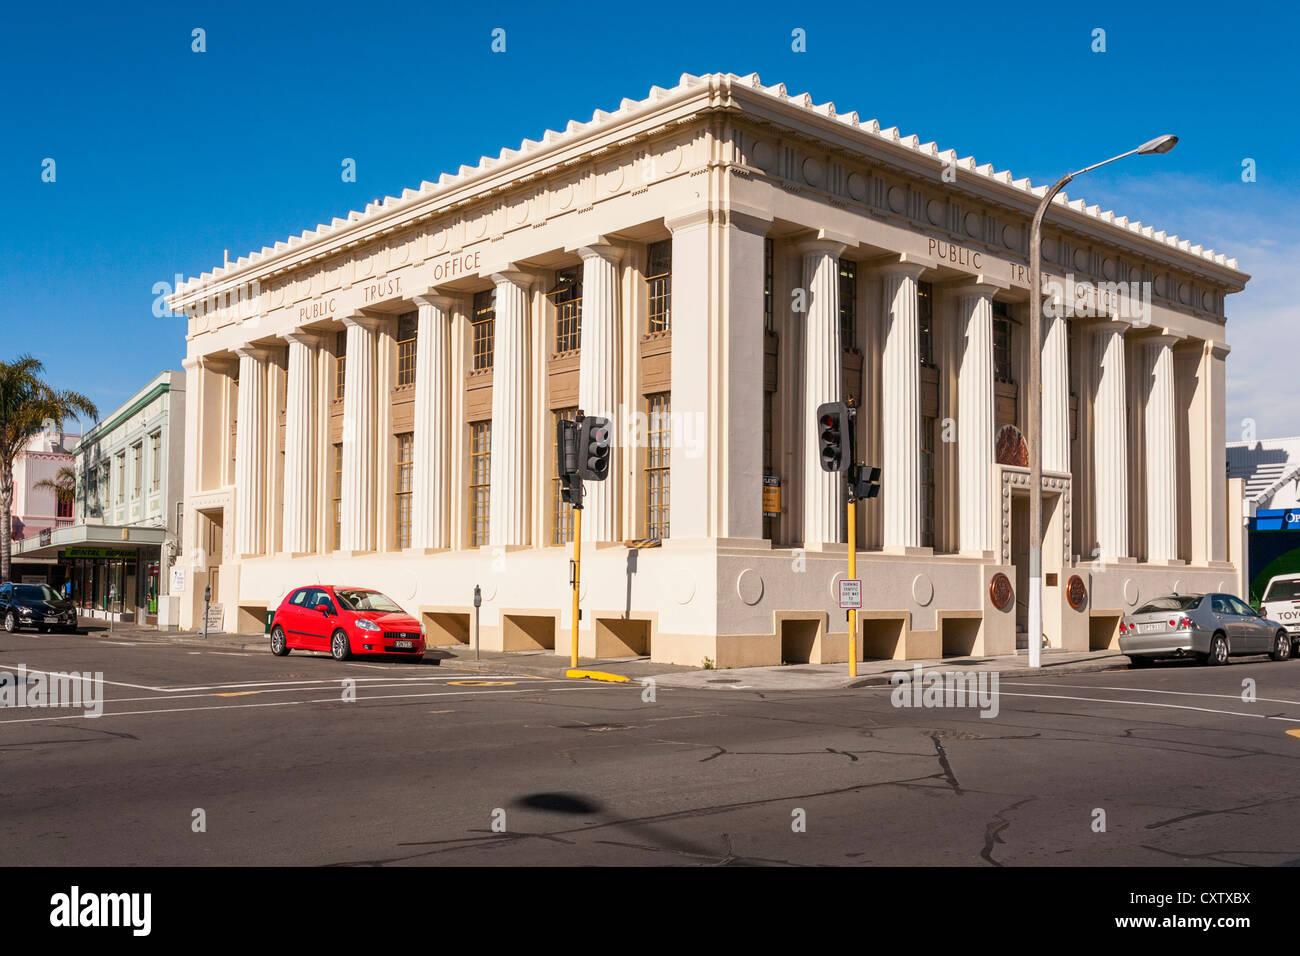 La confiance du public Bureau a été l'un des rares bâtiments encore debout dans le centre de Photo Stock